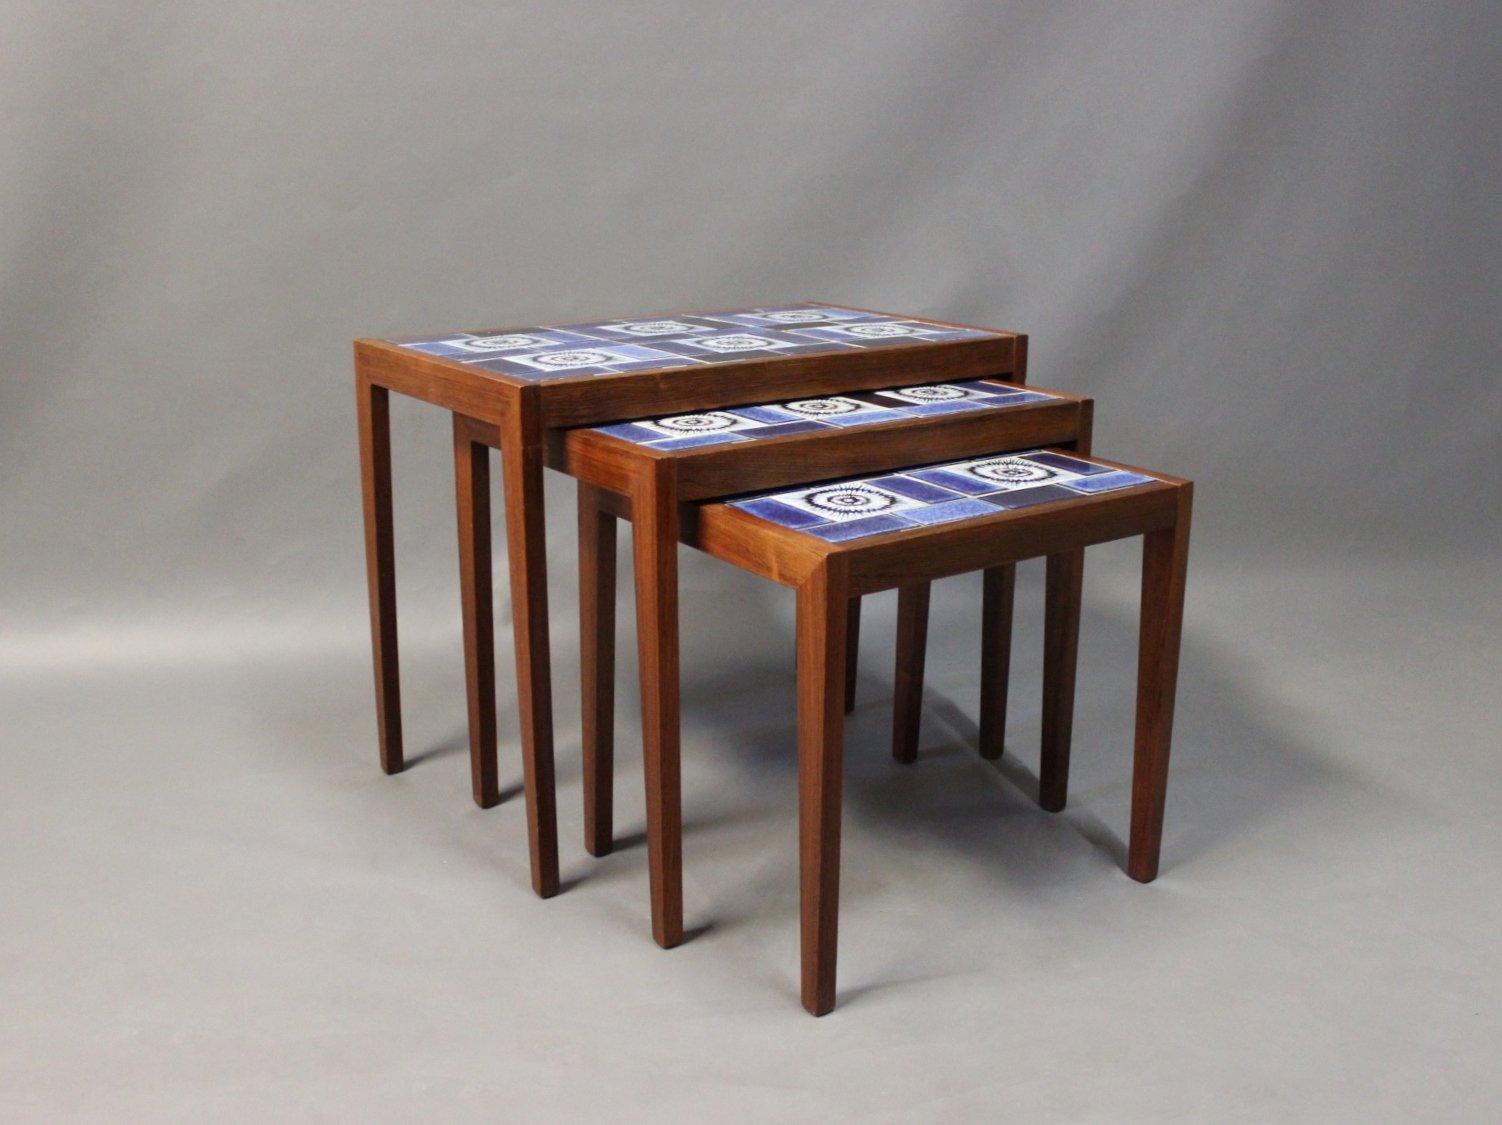 Tavoli a incastro in palissandro con mattonelle di ceramica ...